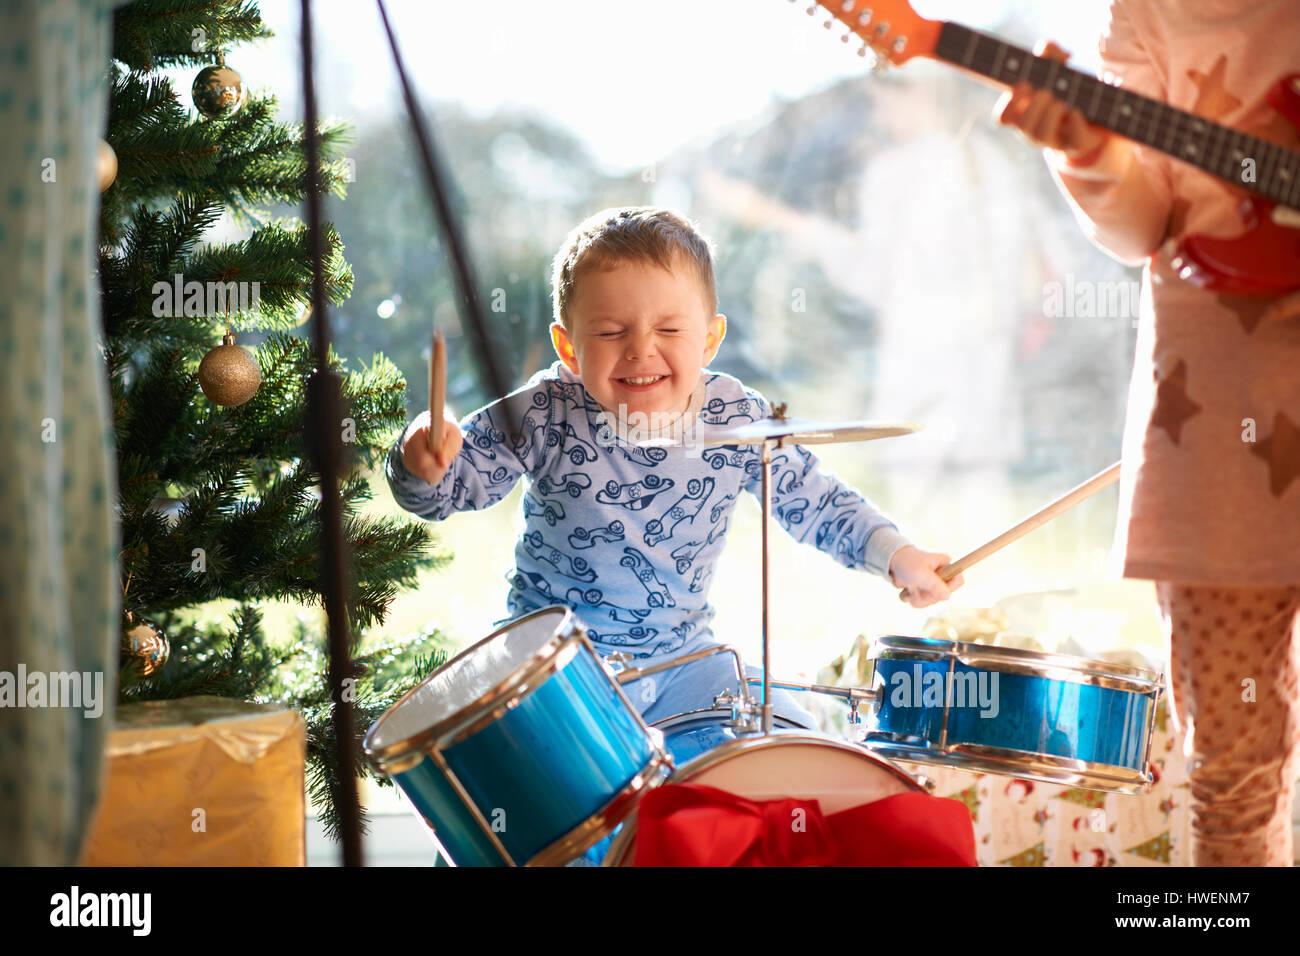 Chico y hermana jugando toy kit de batería y guitarra en el día de Navidad. Imagen De Stock